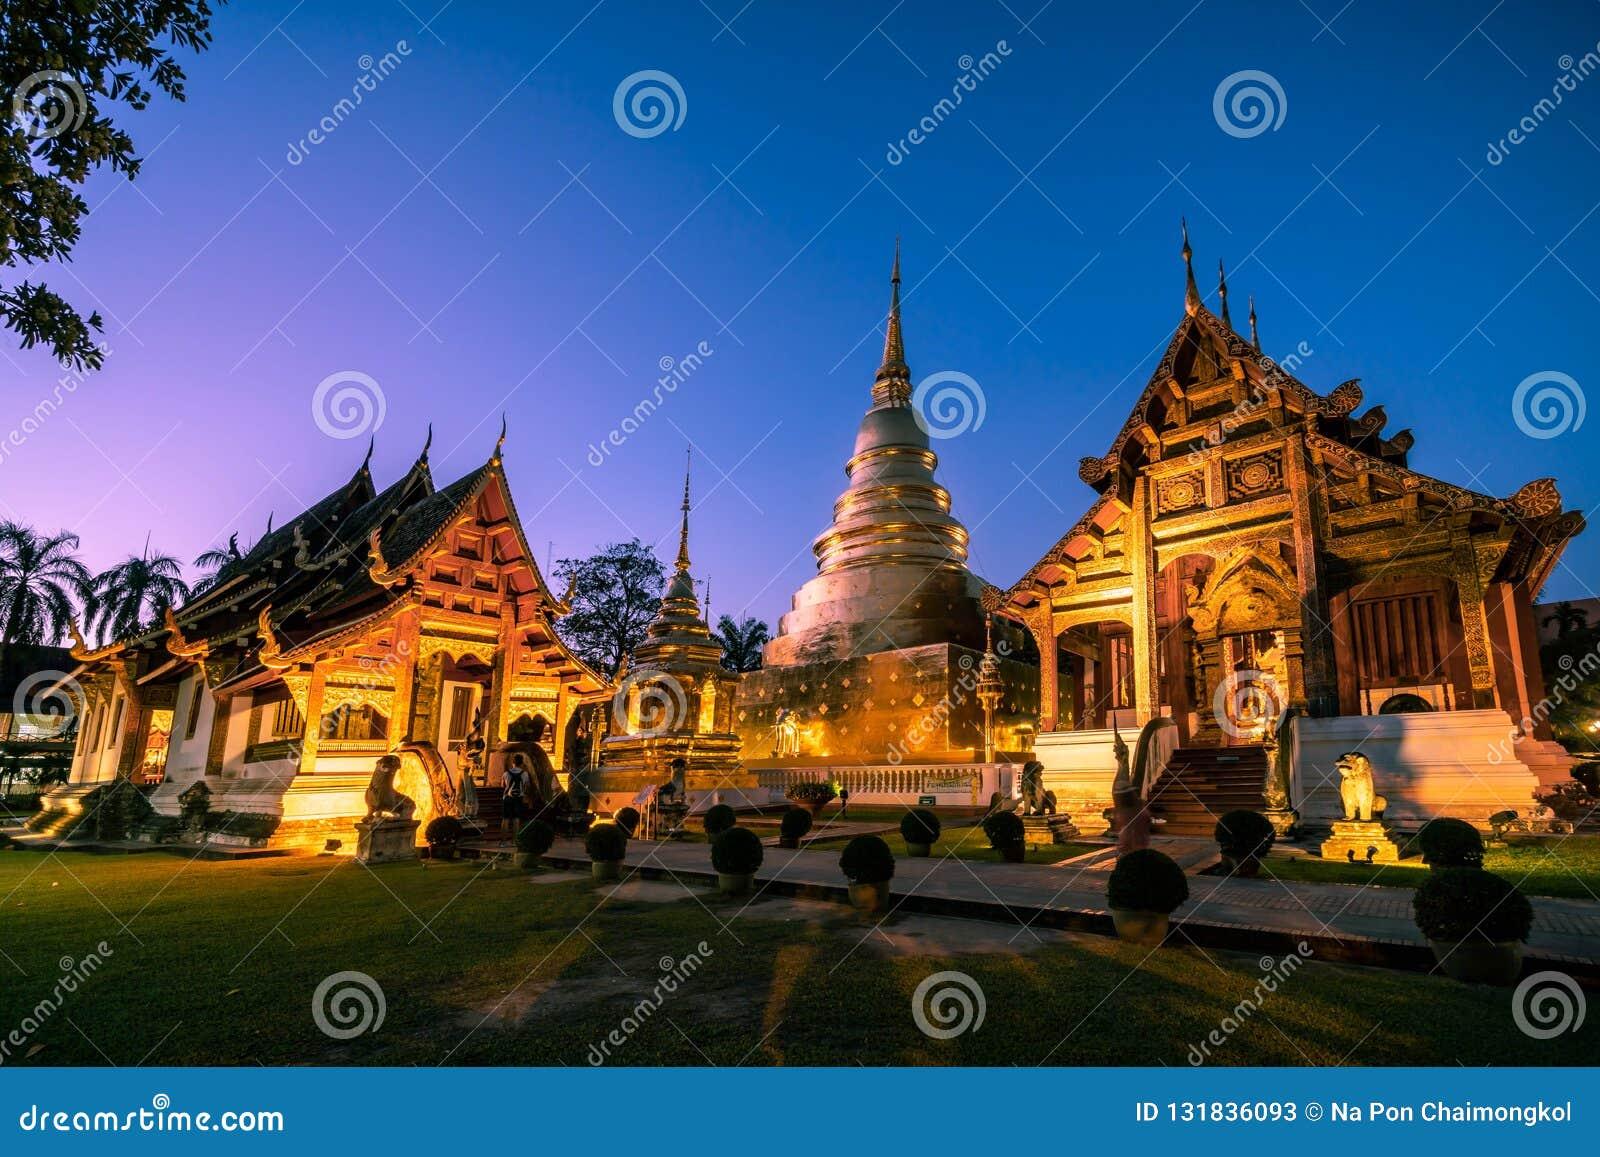 Wat Phra Singh durante il cielo crepuscolare